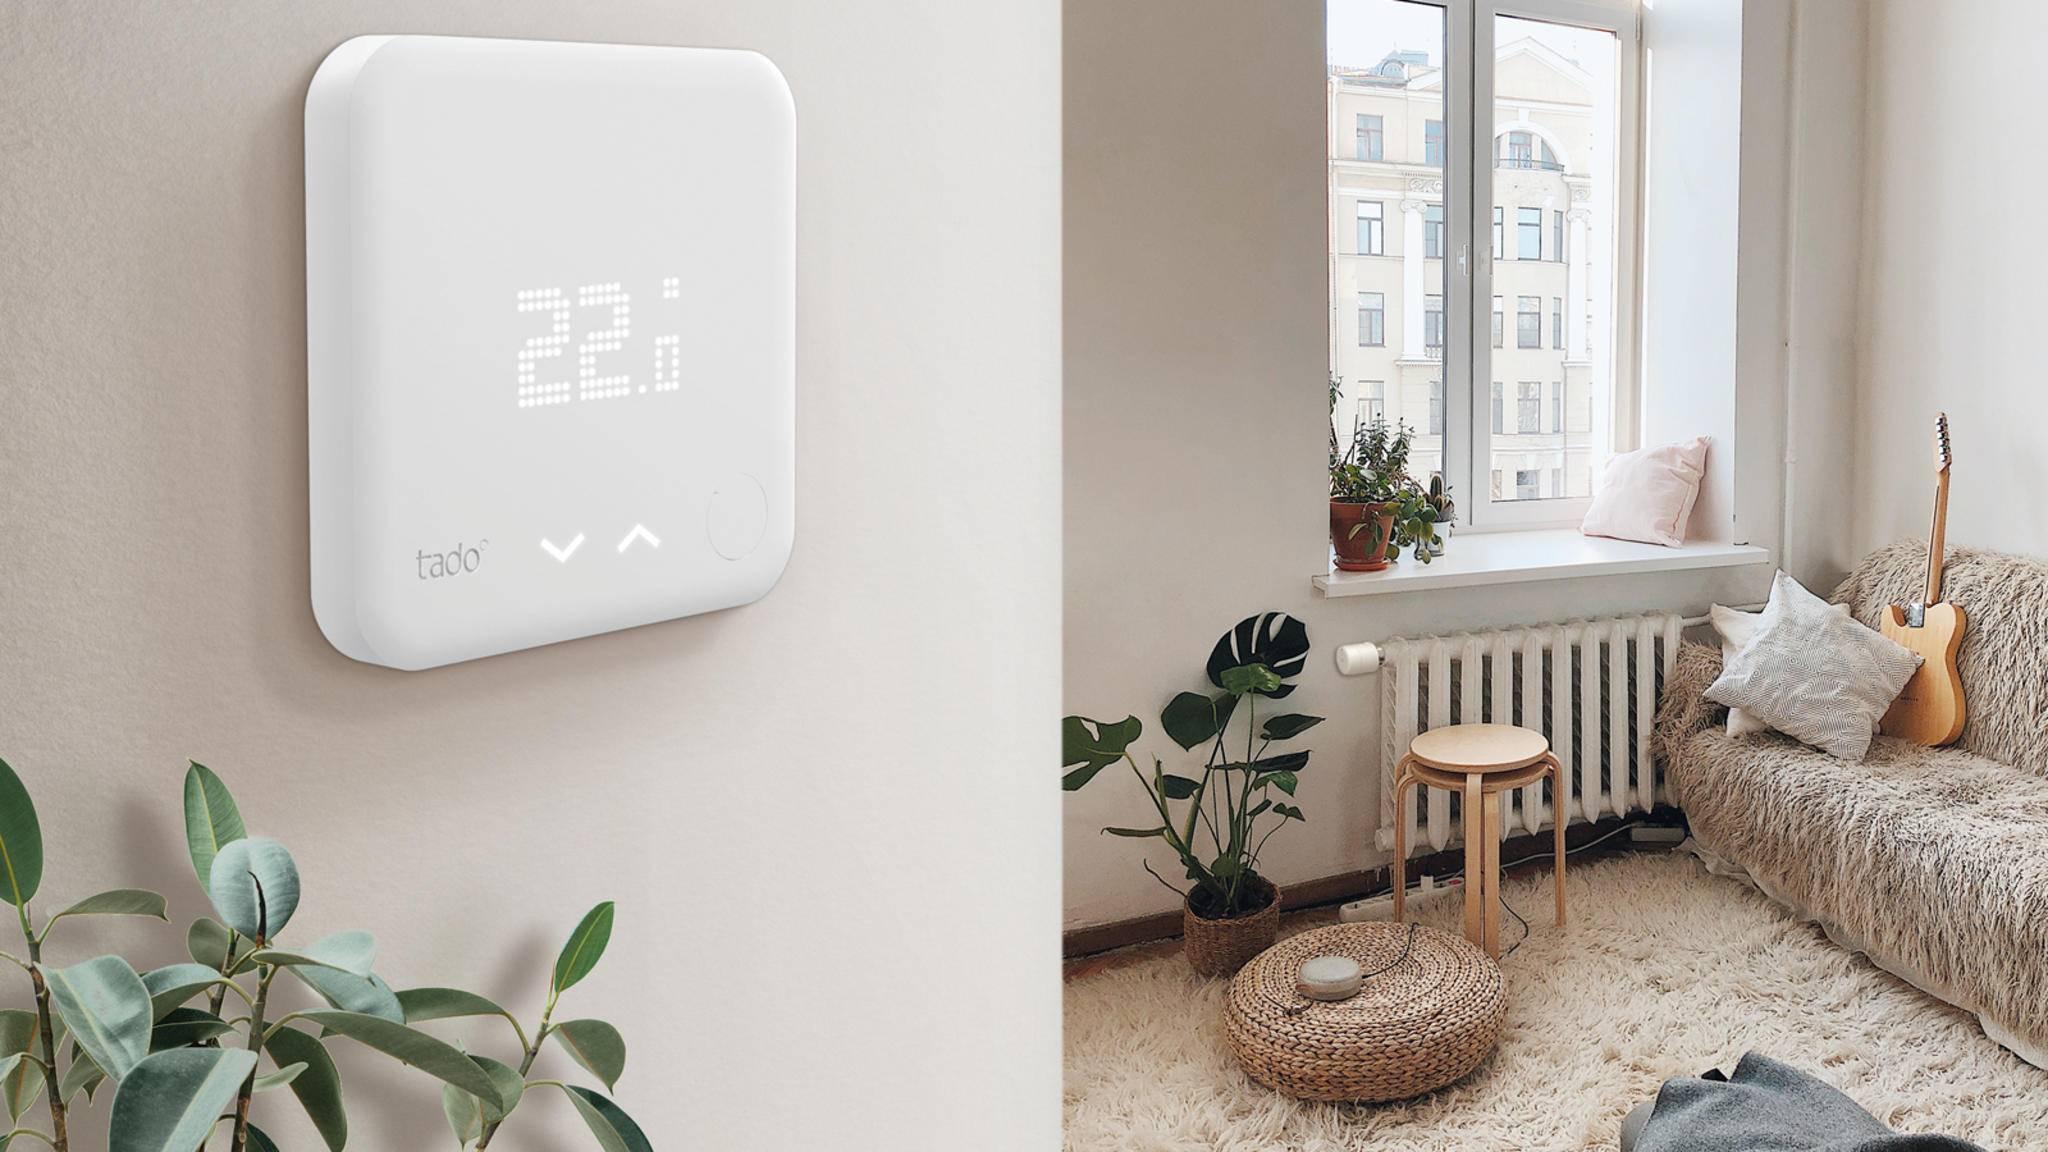 Smarte Thermostate verhelfen Dir immer zur optimalen Raumtemperatur – bei gleichzeitig gesenkten Heizkosten.